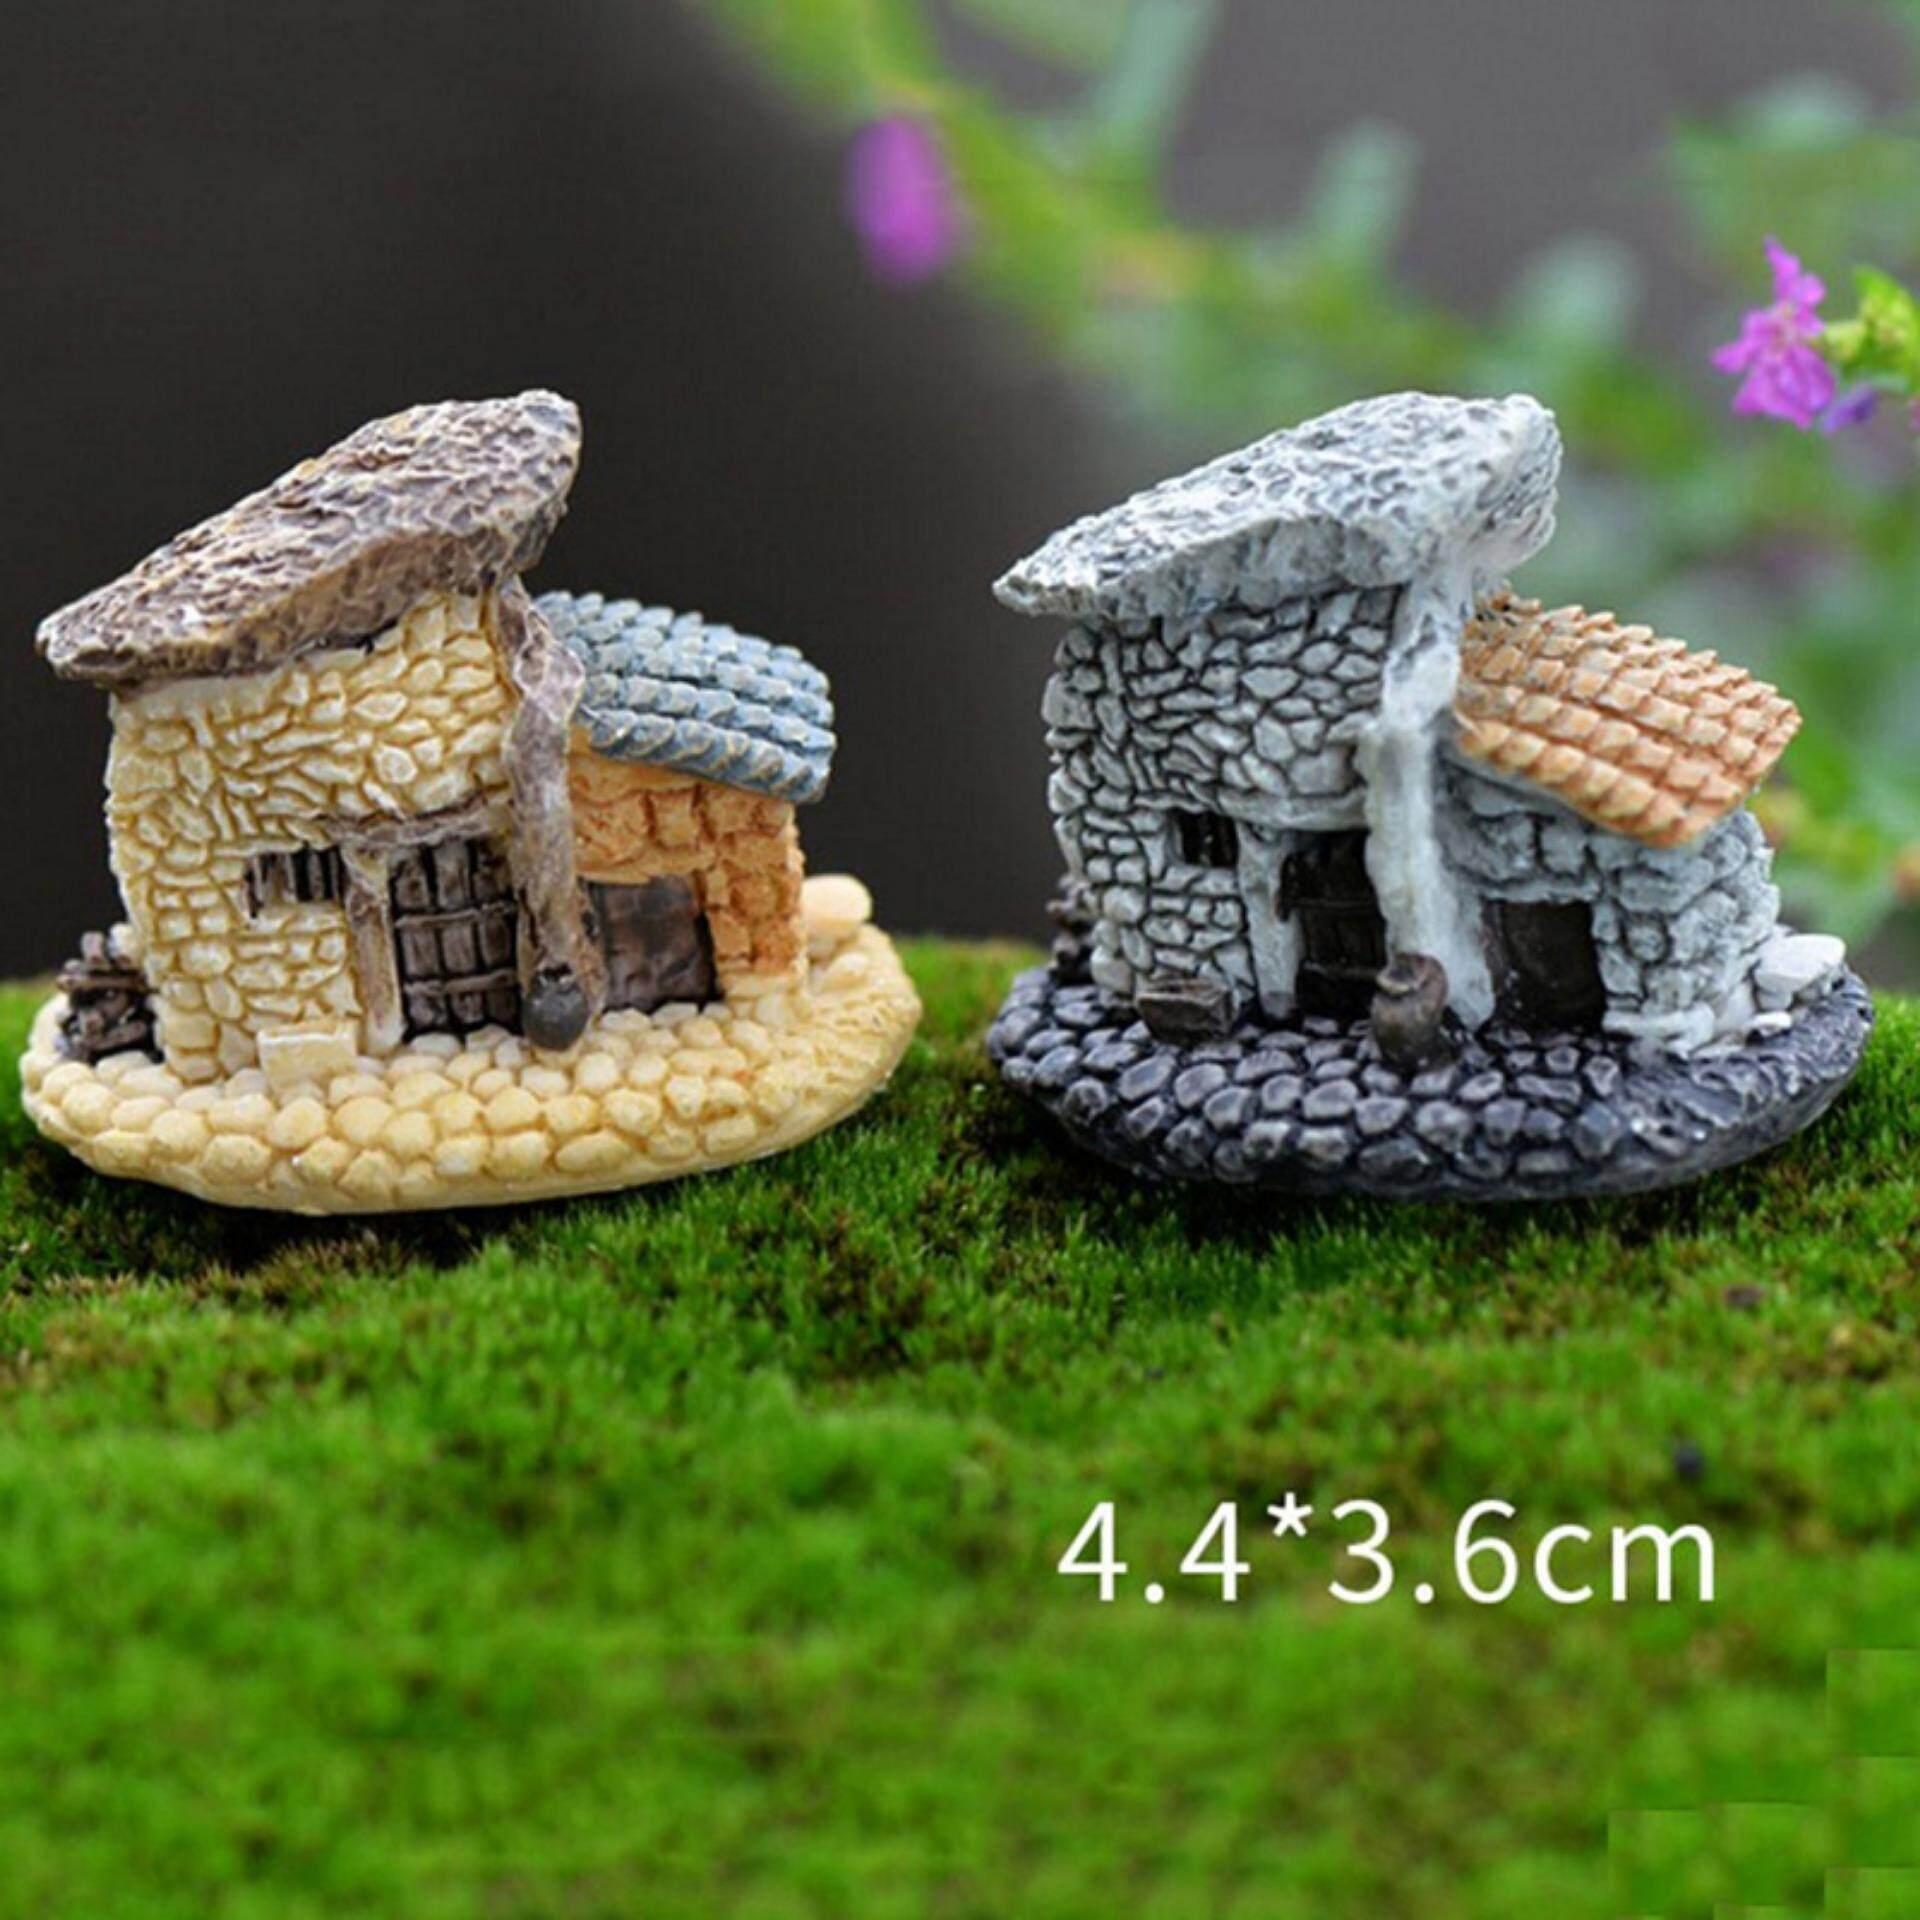 Antik Rumah Mini Ature Peri Taman Rumah Rumah Dekorasi Mini Kerajinan Mikro Landscaping Dekor DIY Aksesoris Jenis 2-Internasional